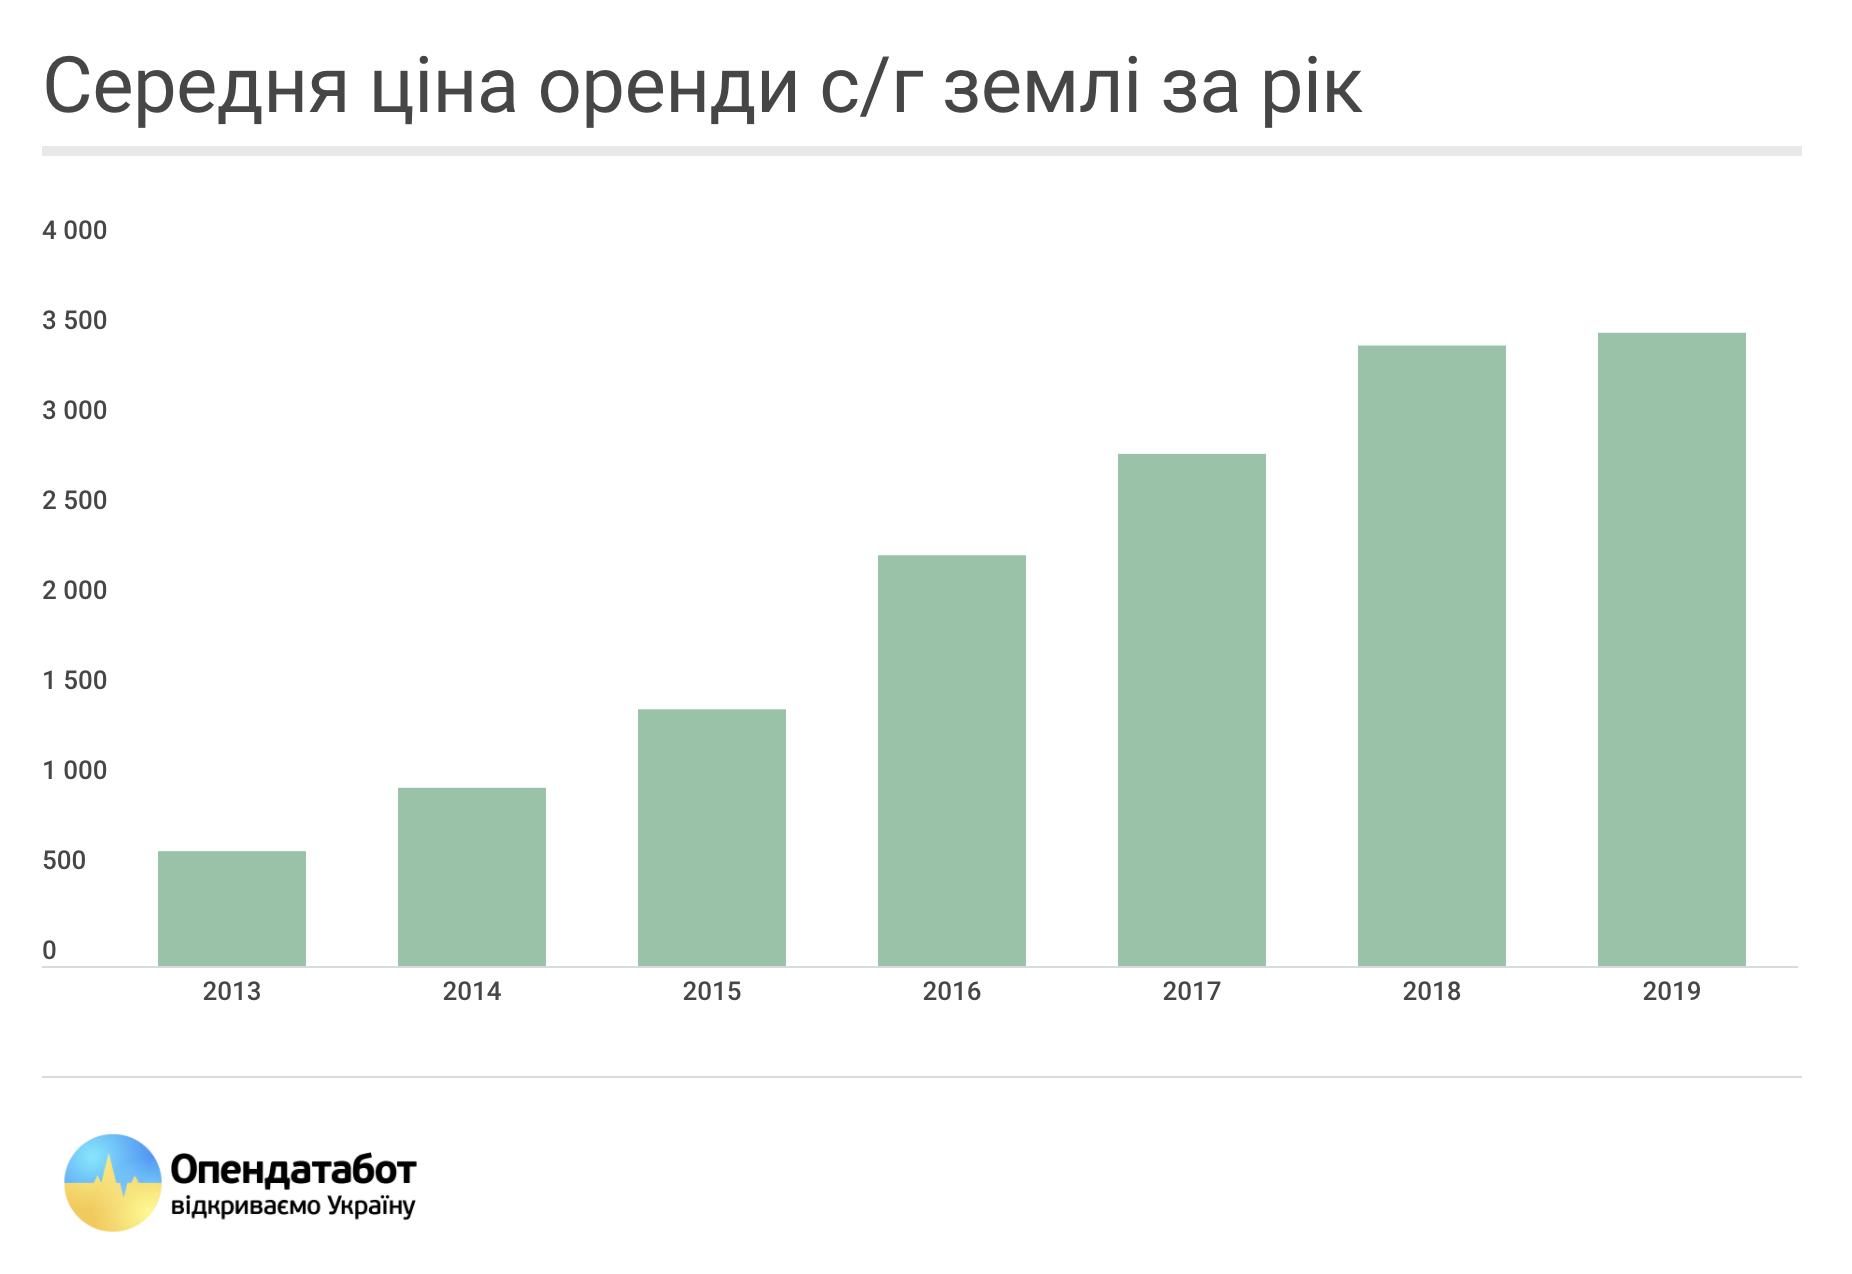 Оренда землі в Україні